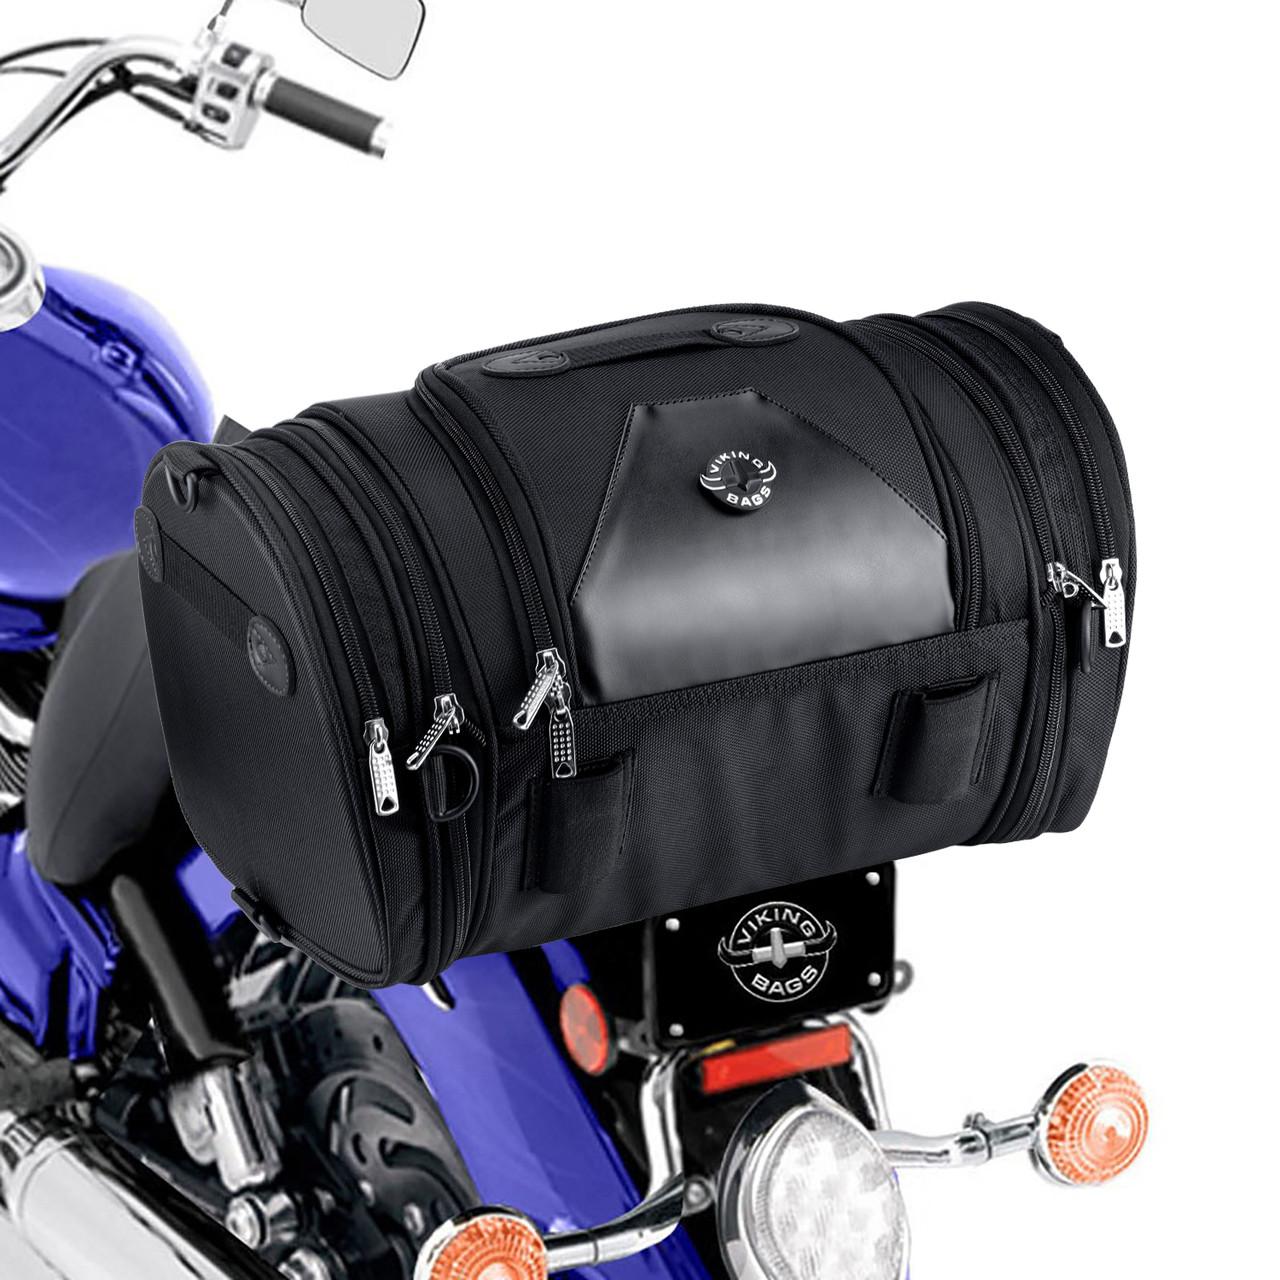 Viking Bags Axwell Motorcycle Sissy Bar Bag On Bike View